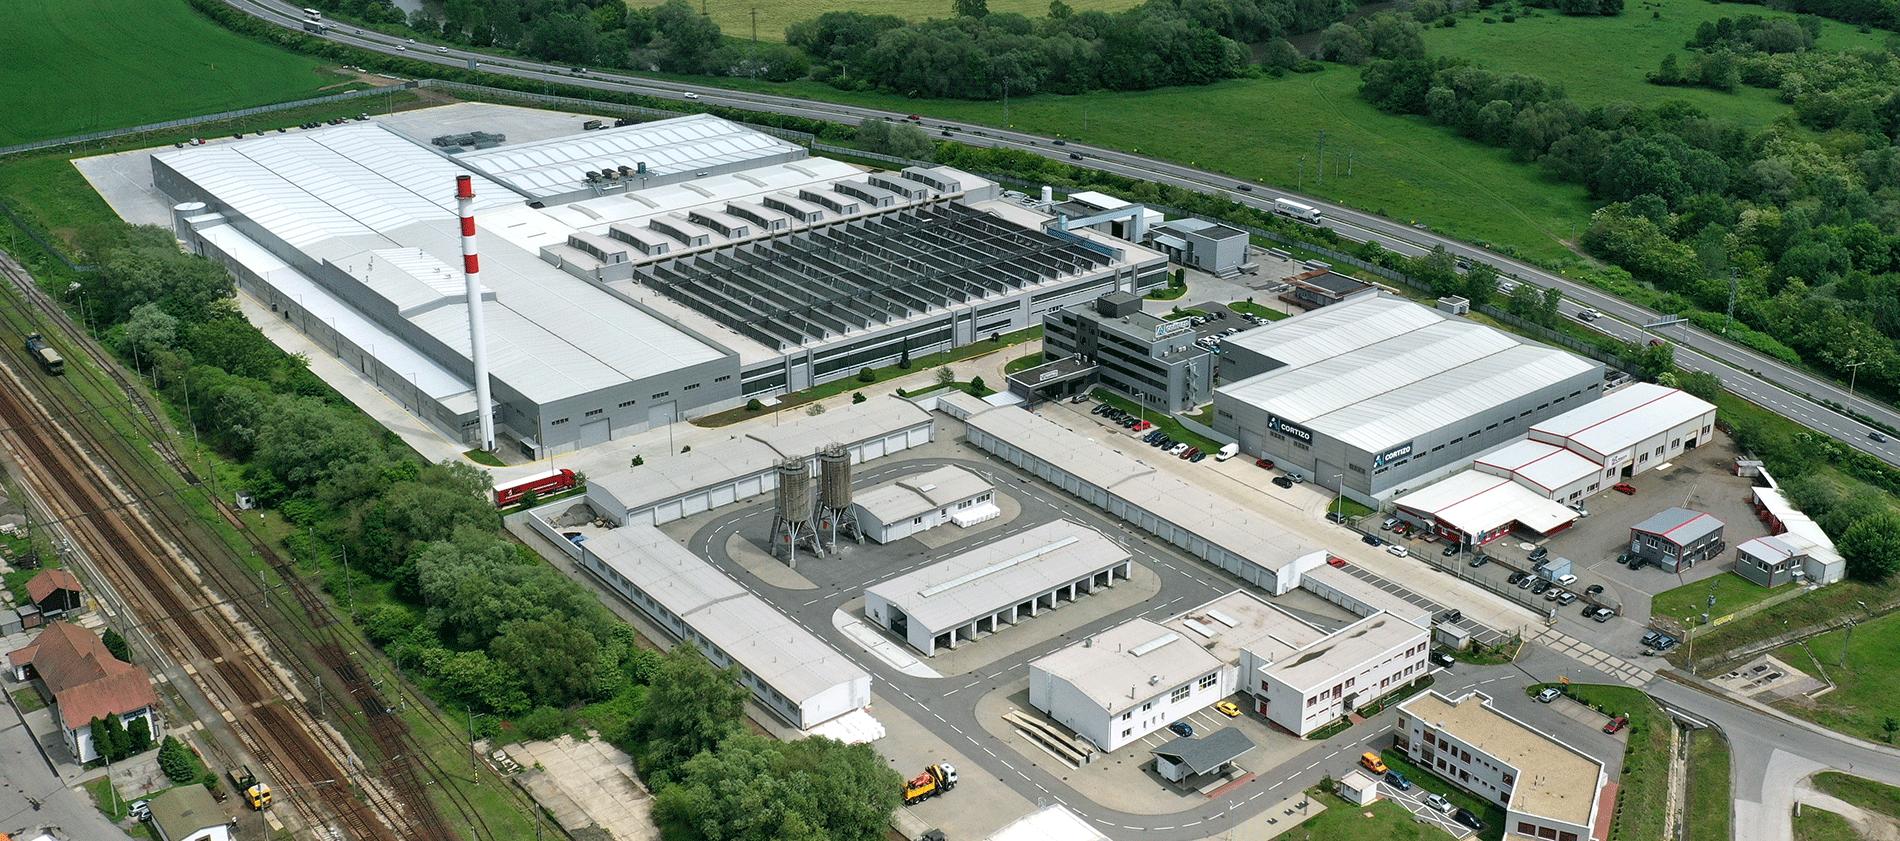 CORTIZO ESLOVÁQUIA CAPACIDADE DE PRODUÇÃO 16.000 Tm/ano  » 3 Prensas de Extrusão » 3 Unidades de Lacagem » Unidad de Anodizado » 3 Centros de Mecanização » Superfície 32.000 m²